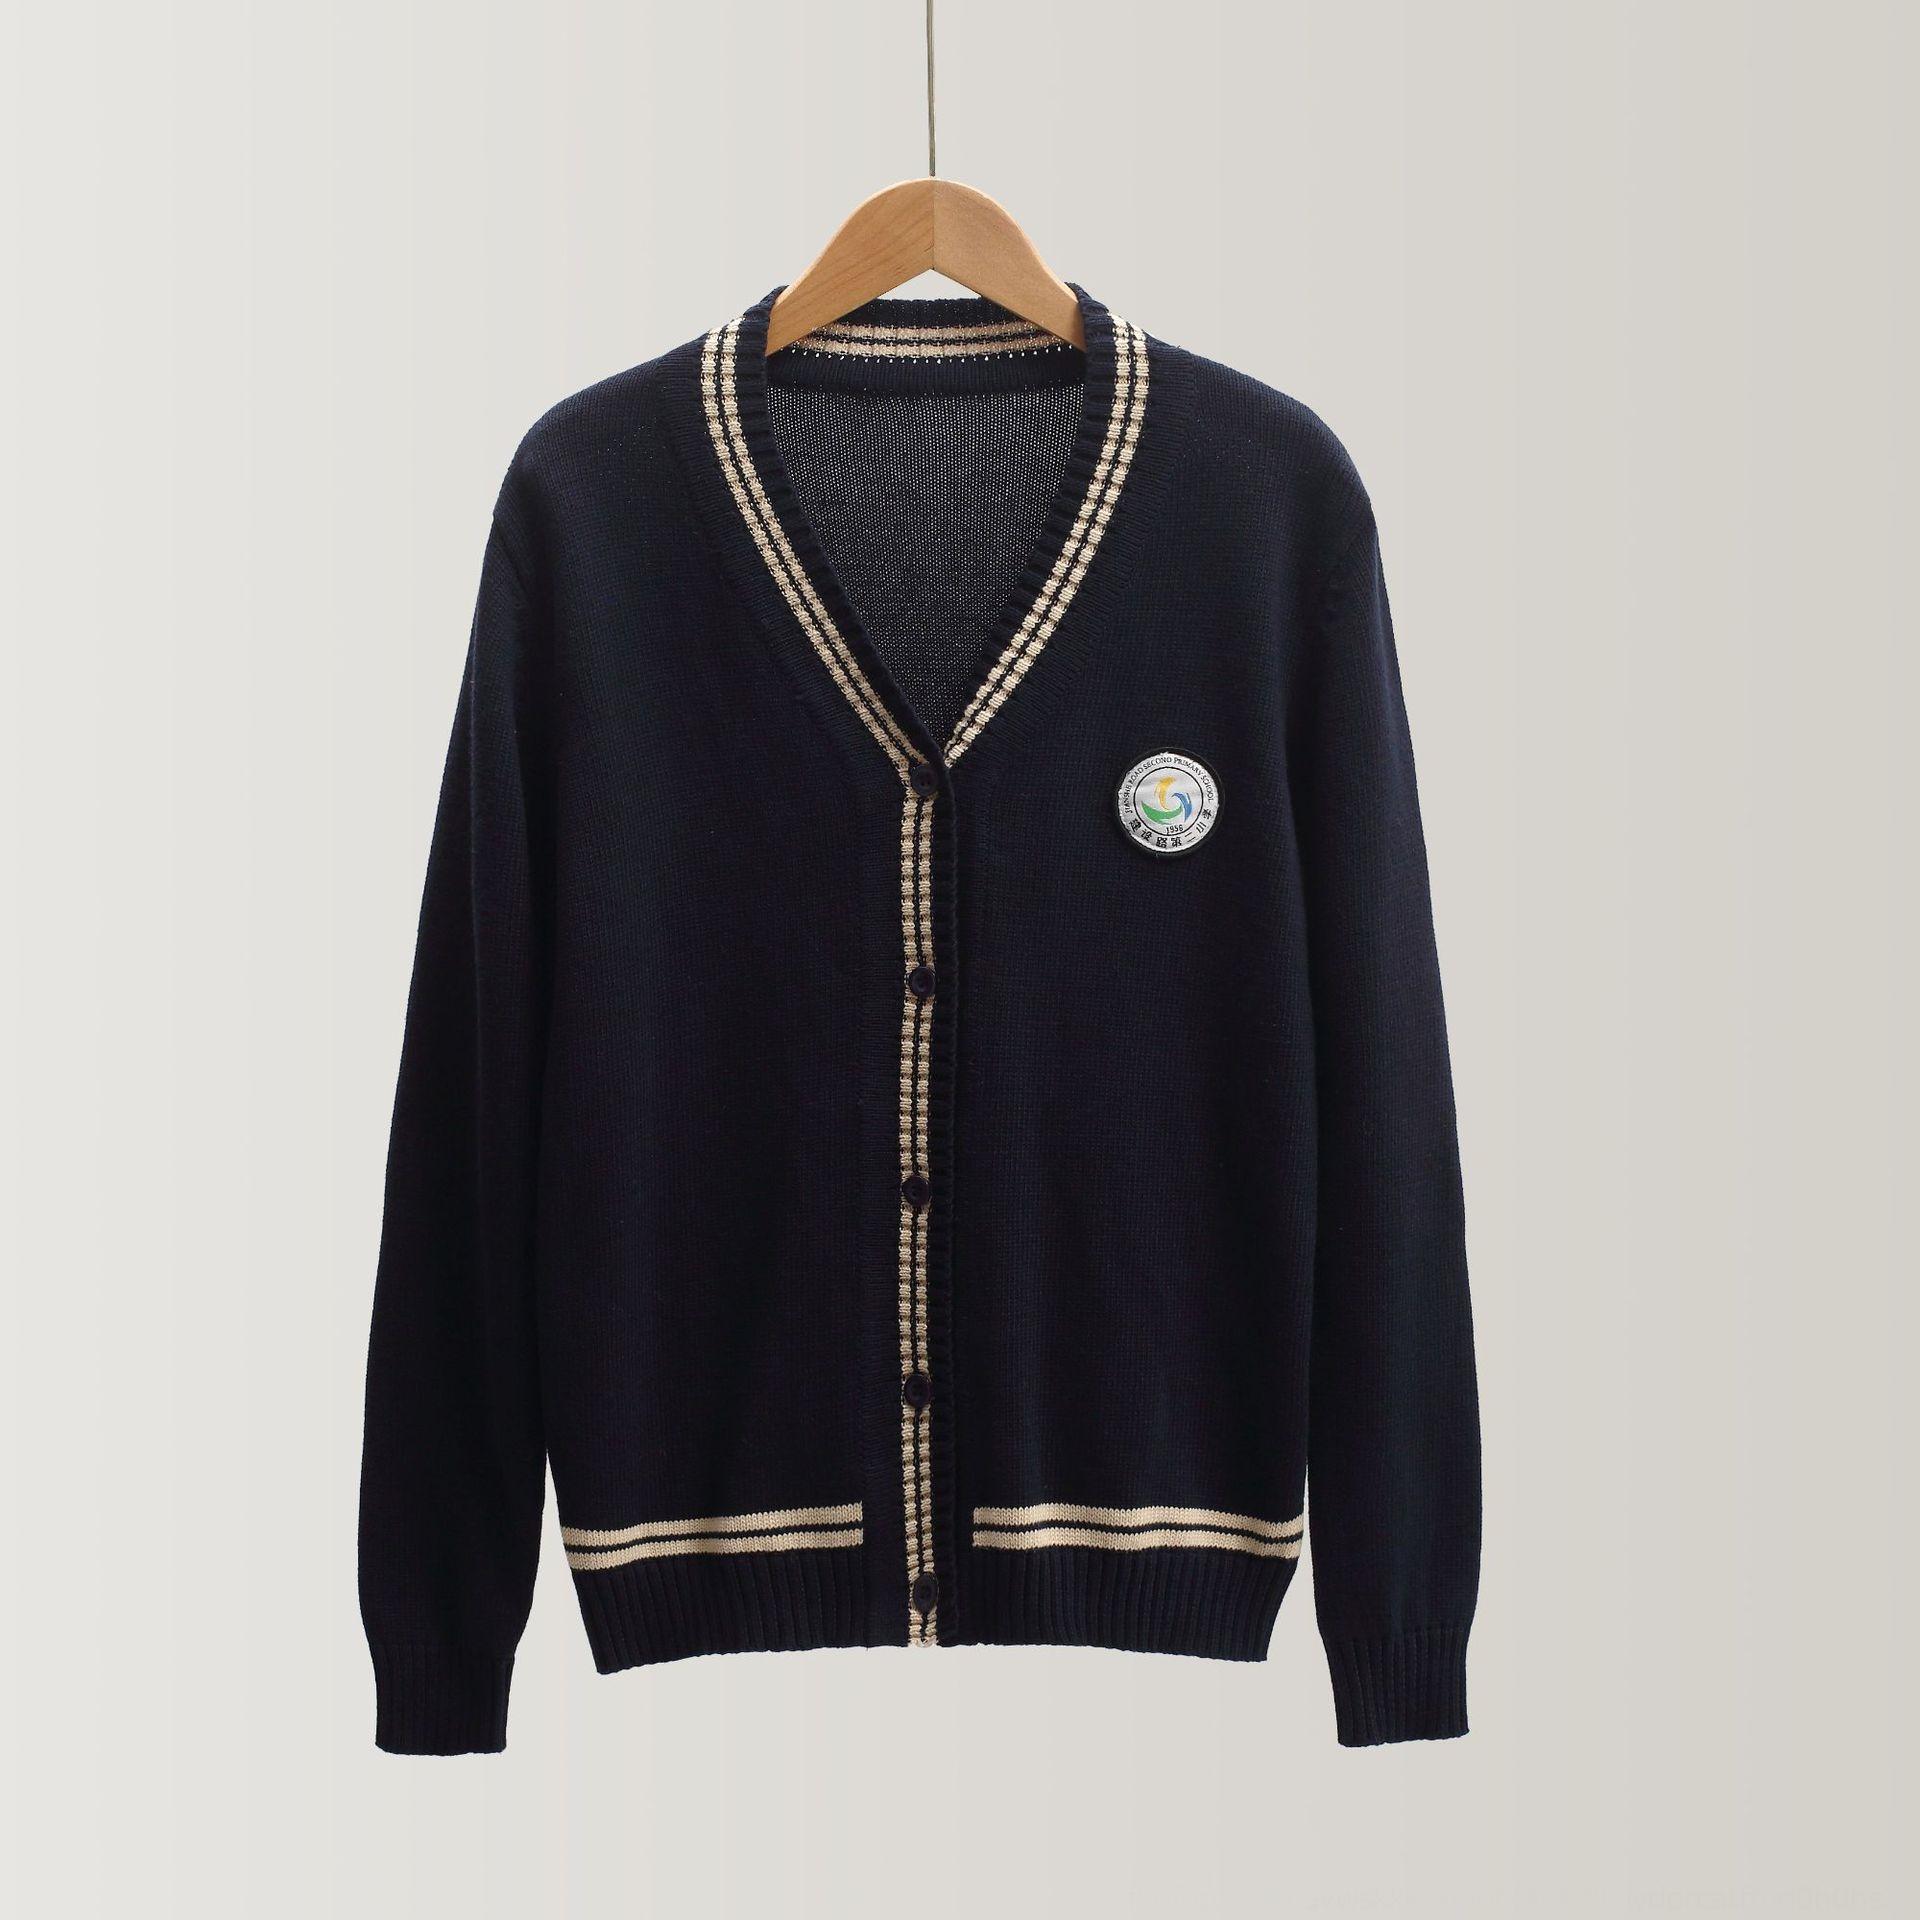 QZq5J Dünne Mantelwolljacke Hülse lange männliche und weibliche Schüler V-Ausschnitt Schule Mantel Kinderkleidung Pullover Uniform Baumwolle Pullover Kinder